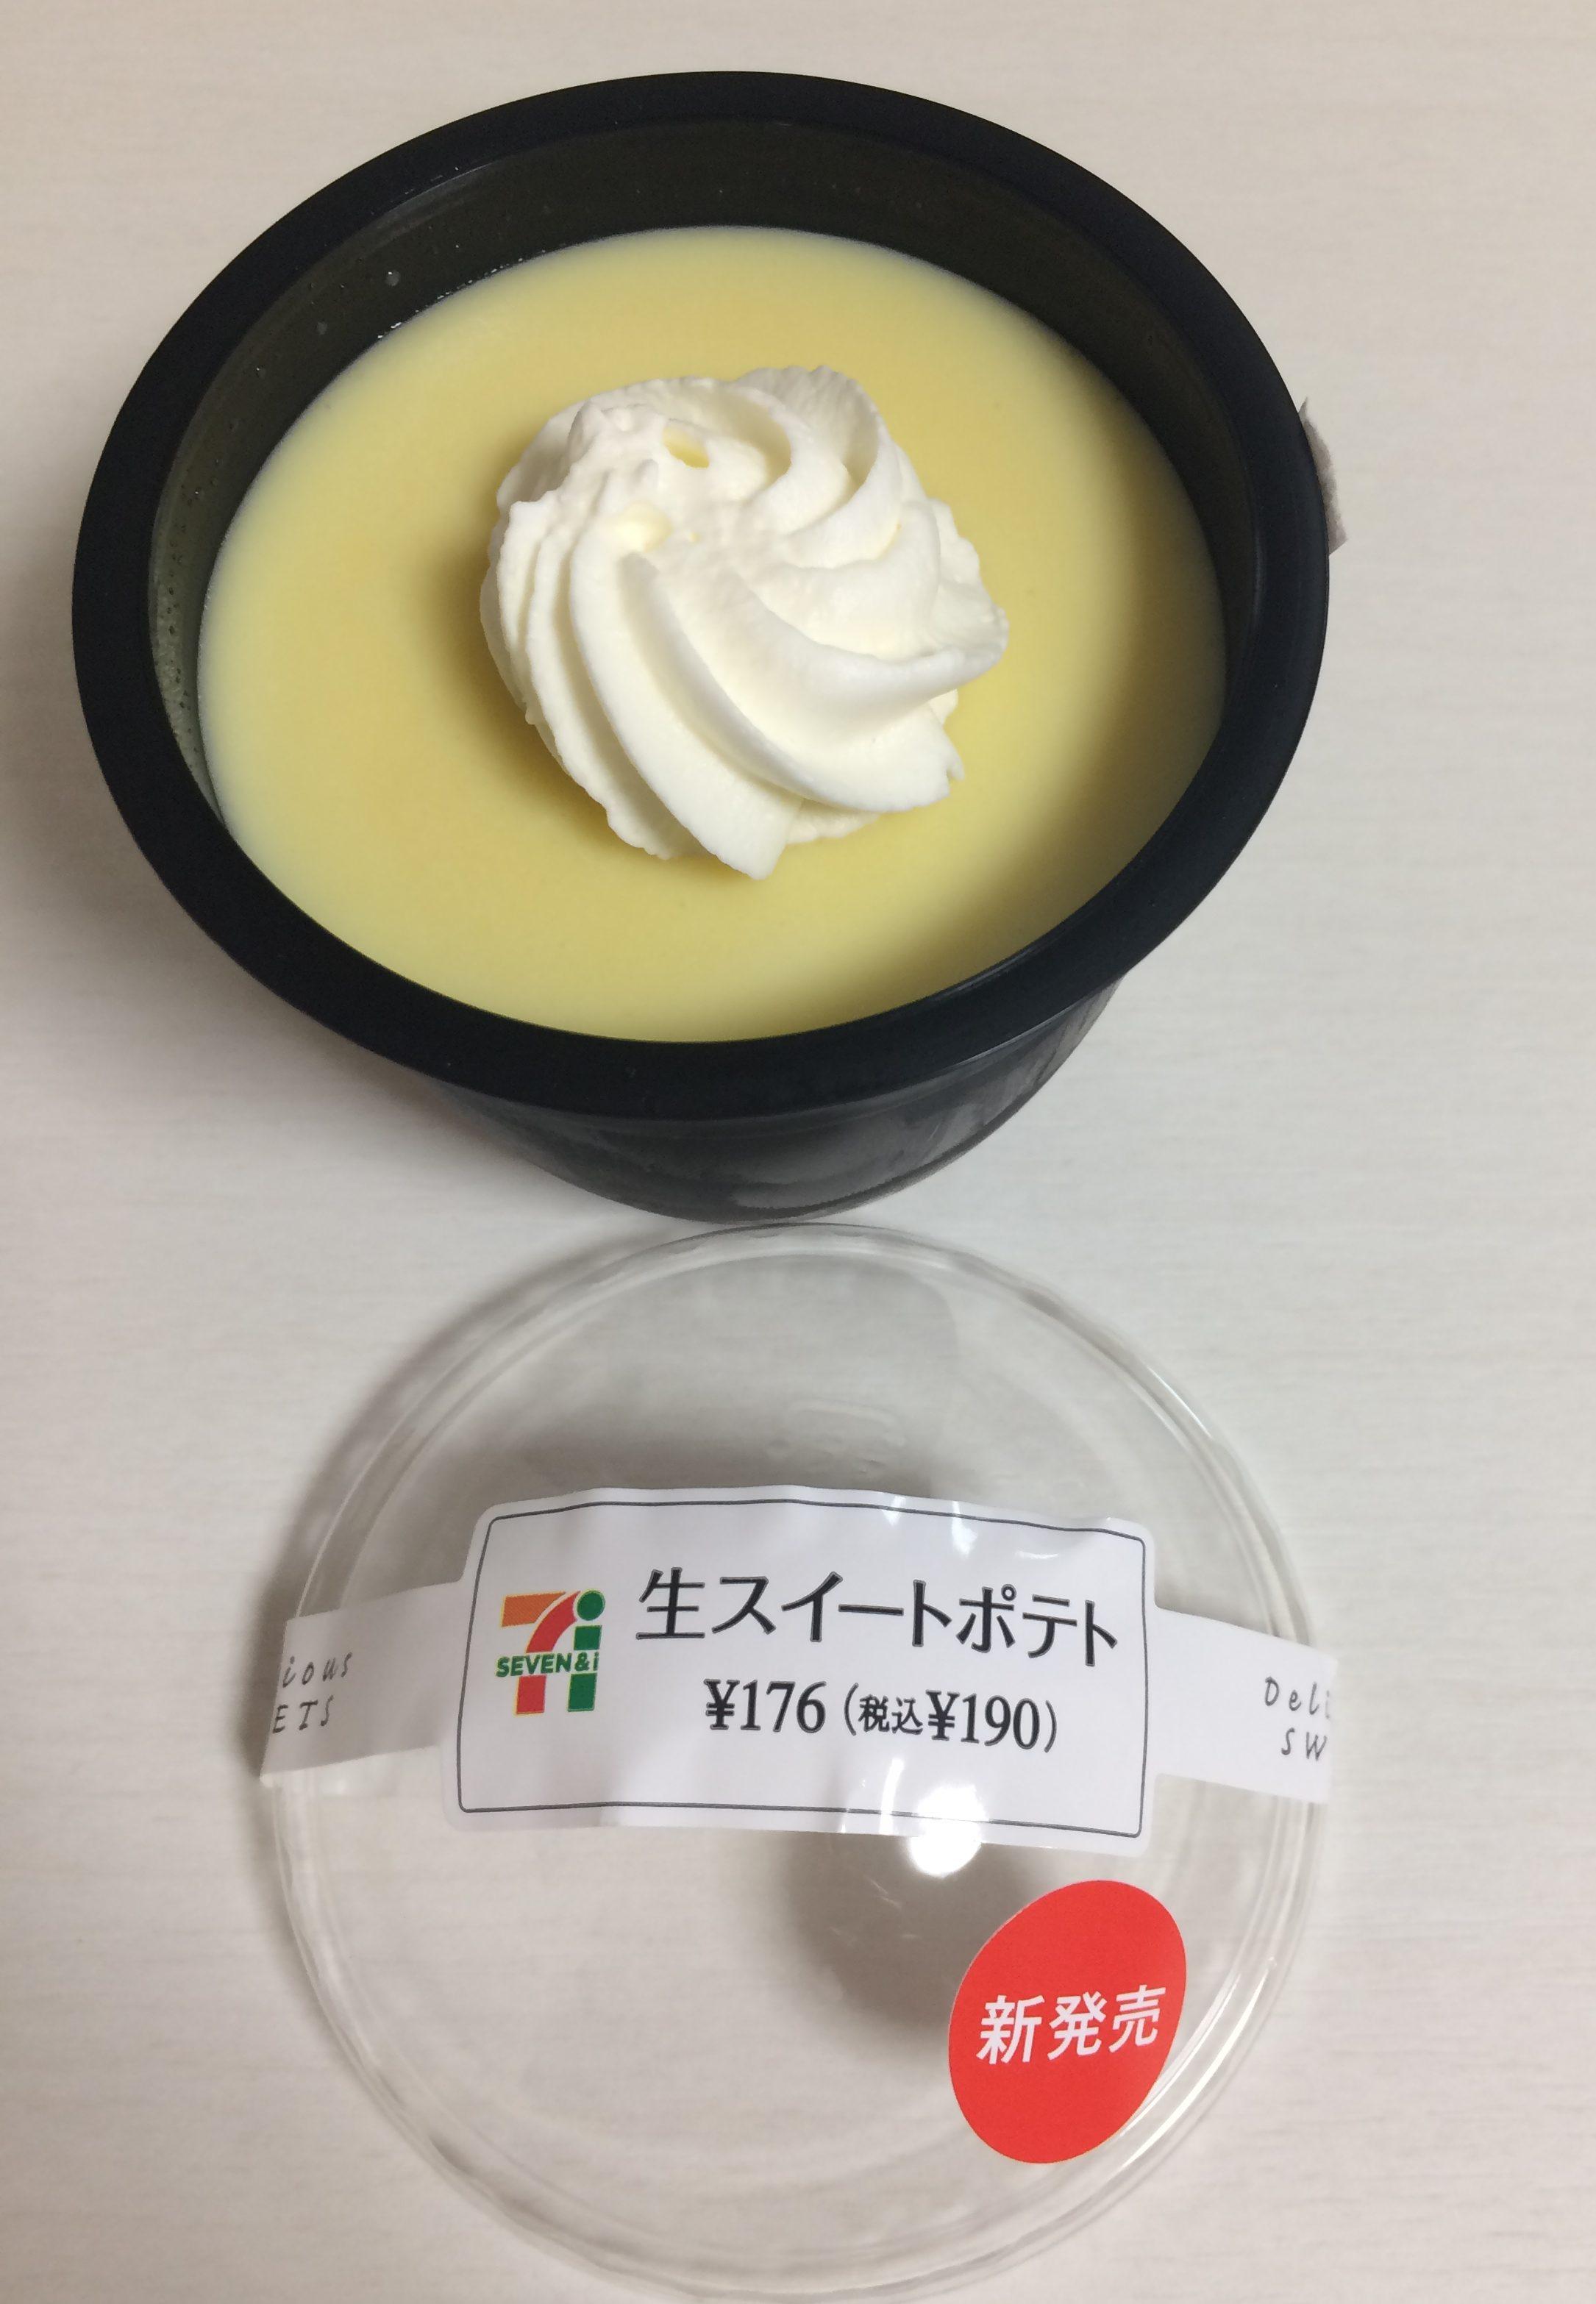 【セブンイレブン】生スイートポテト 食べた感想